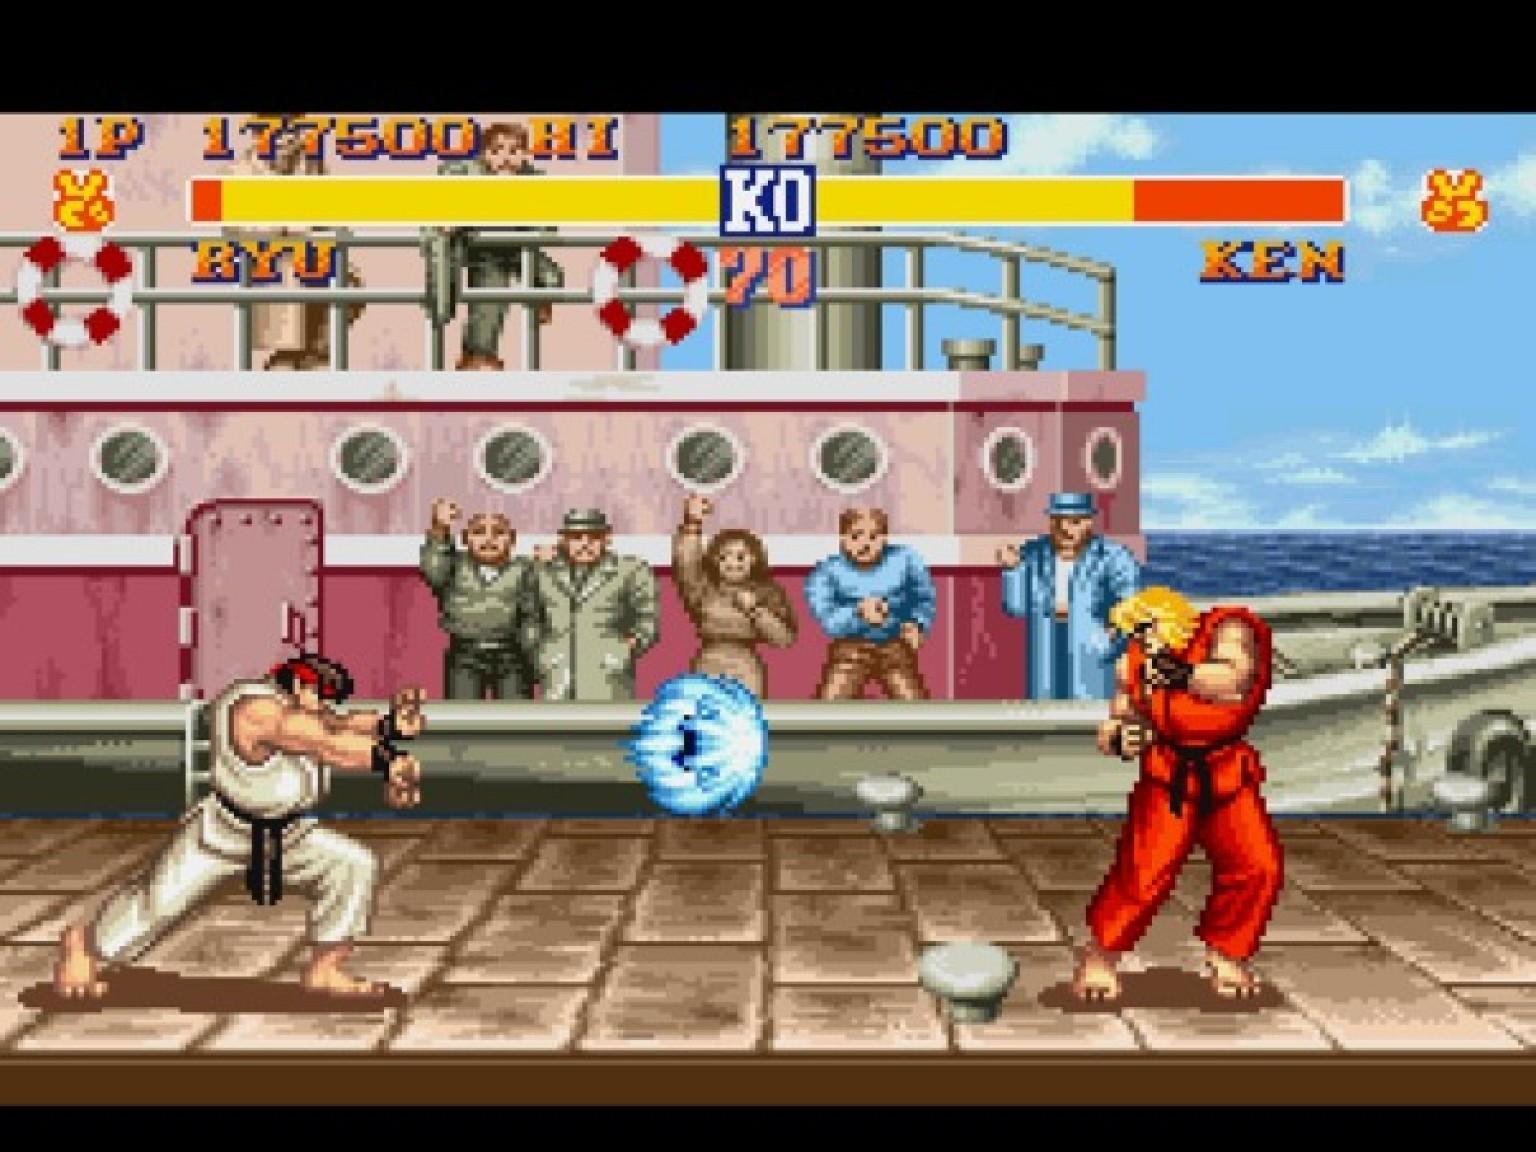 STREET-FIGHTER-II